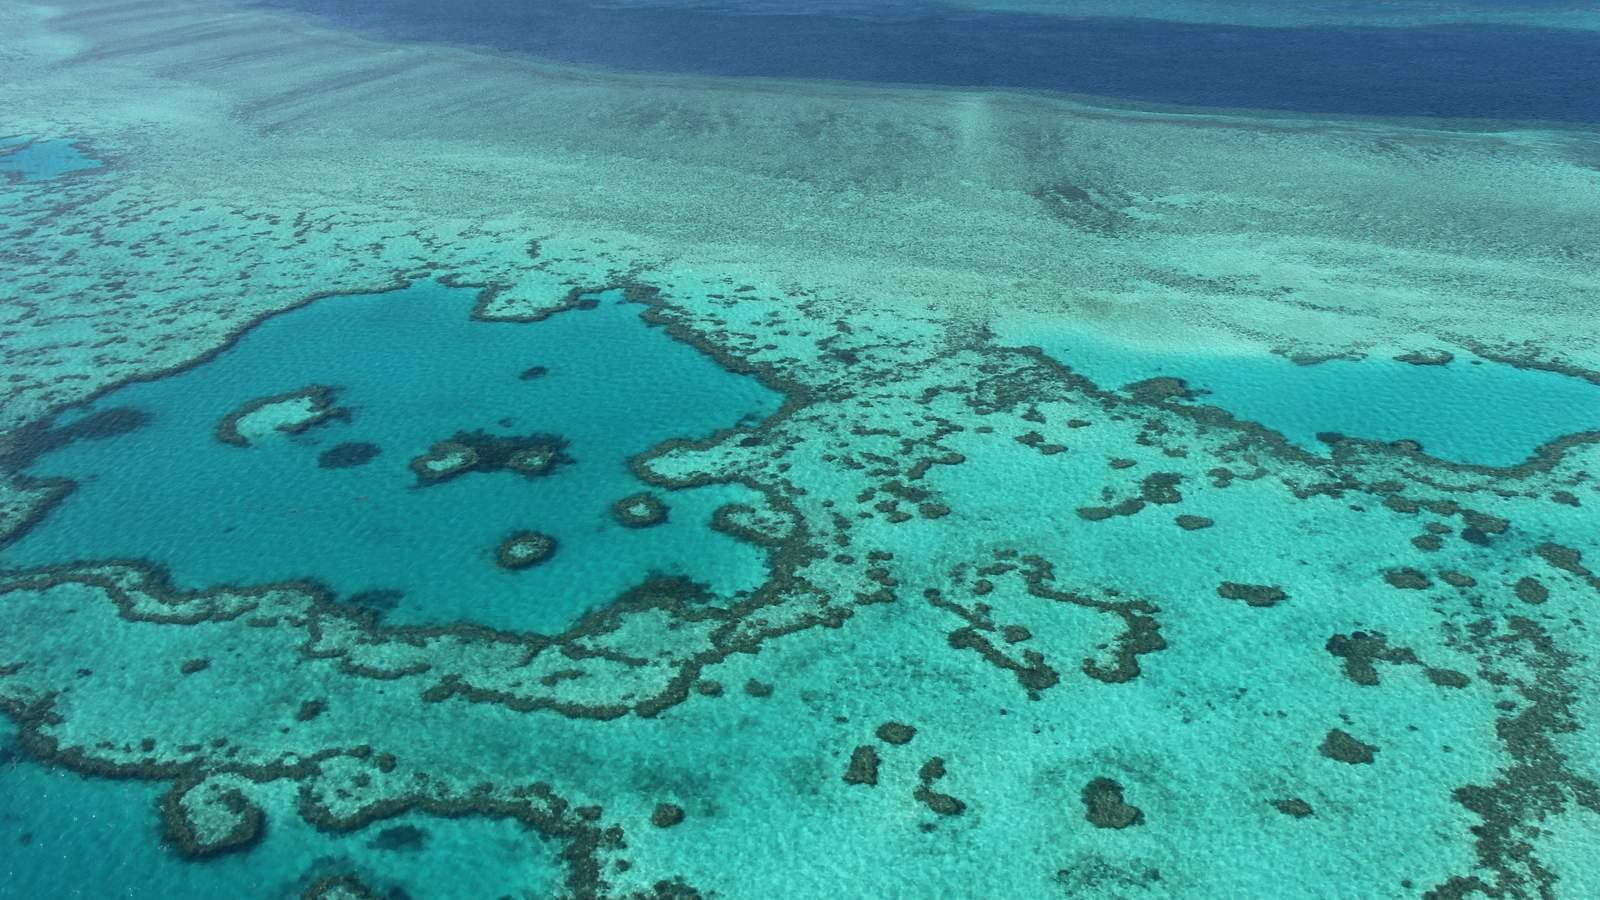 La Grande Barrière en Australie est fortement menacée par le blanchissement des coraux ©Sarah Lai / AFP